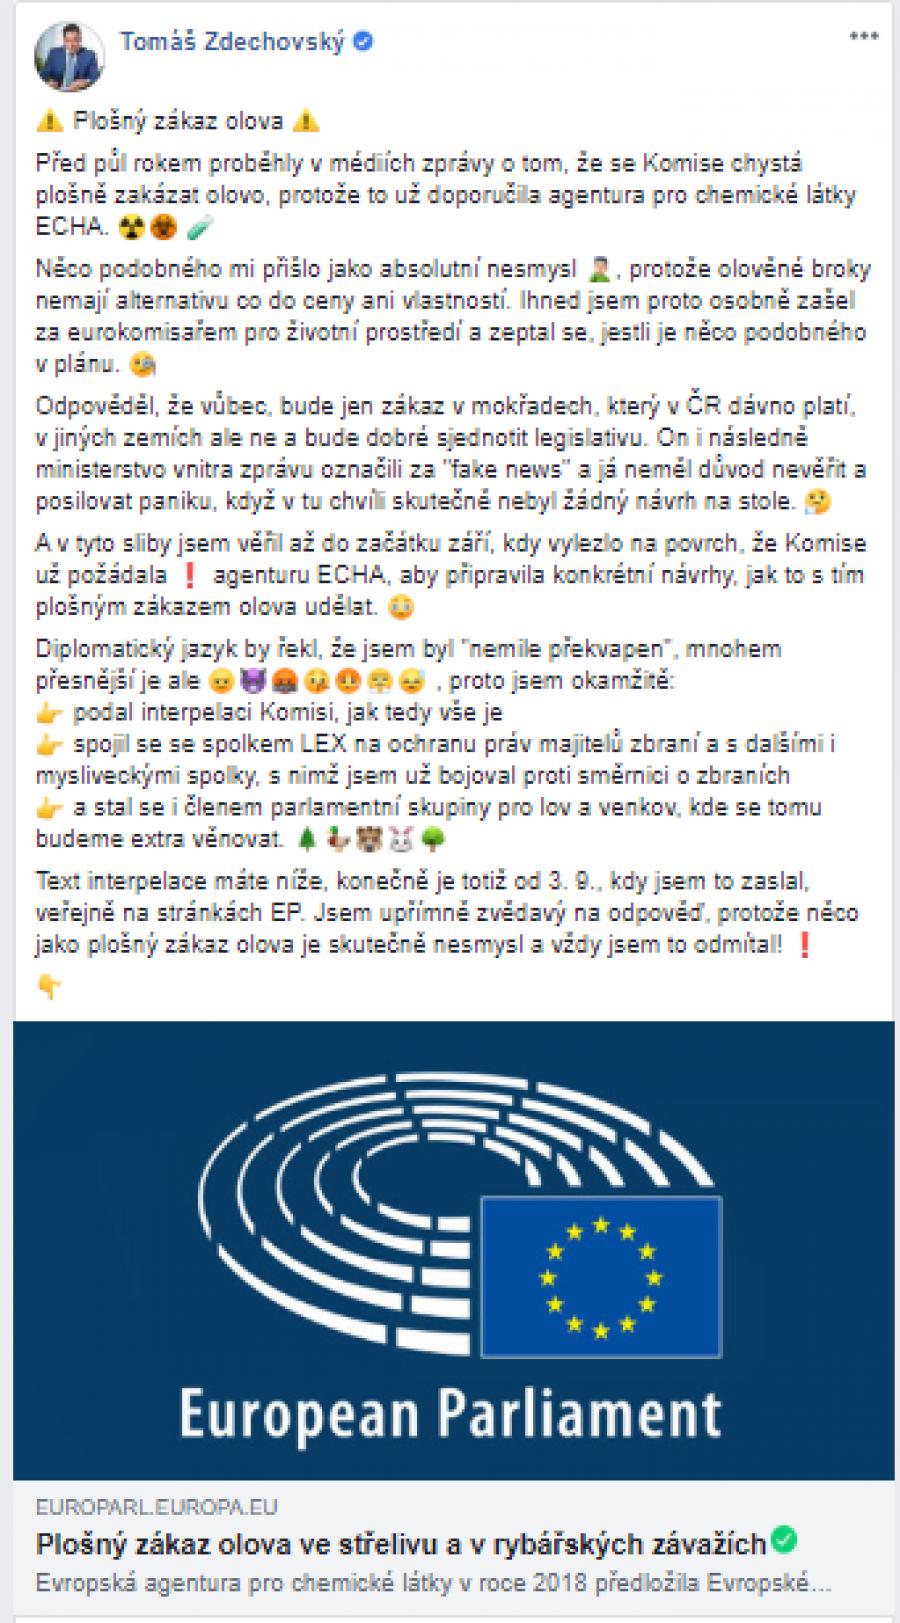 Mé vyjádření k olovu. Text interpelace dostupný zde: https://www.europarl.europa.eu/doceo/document/E-9-2019-002763_CS.html